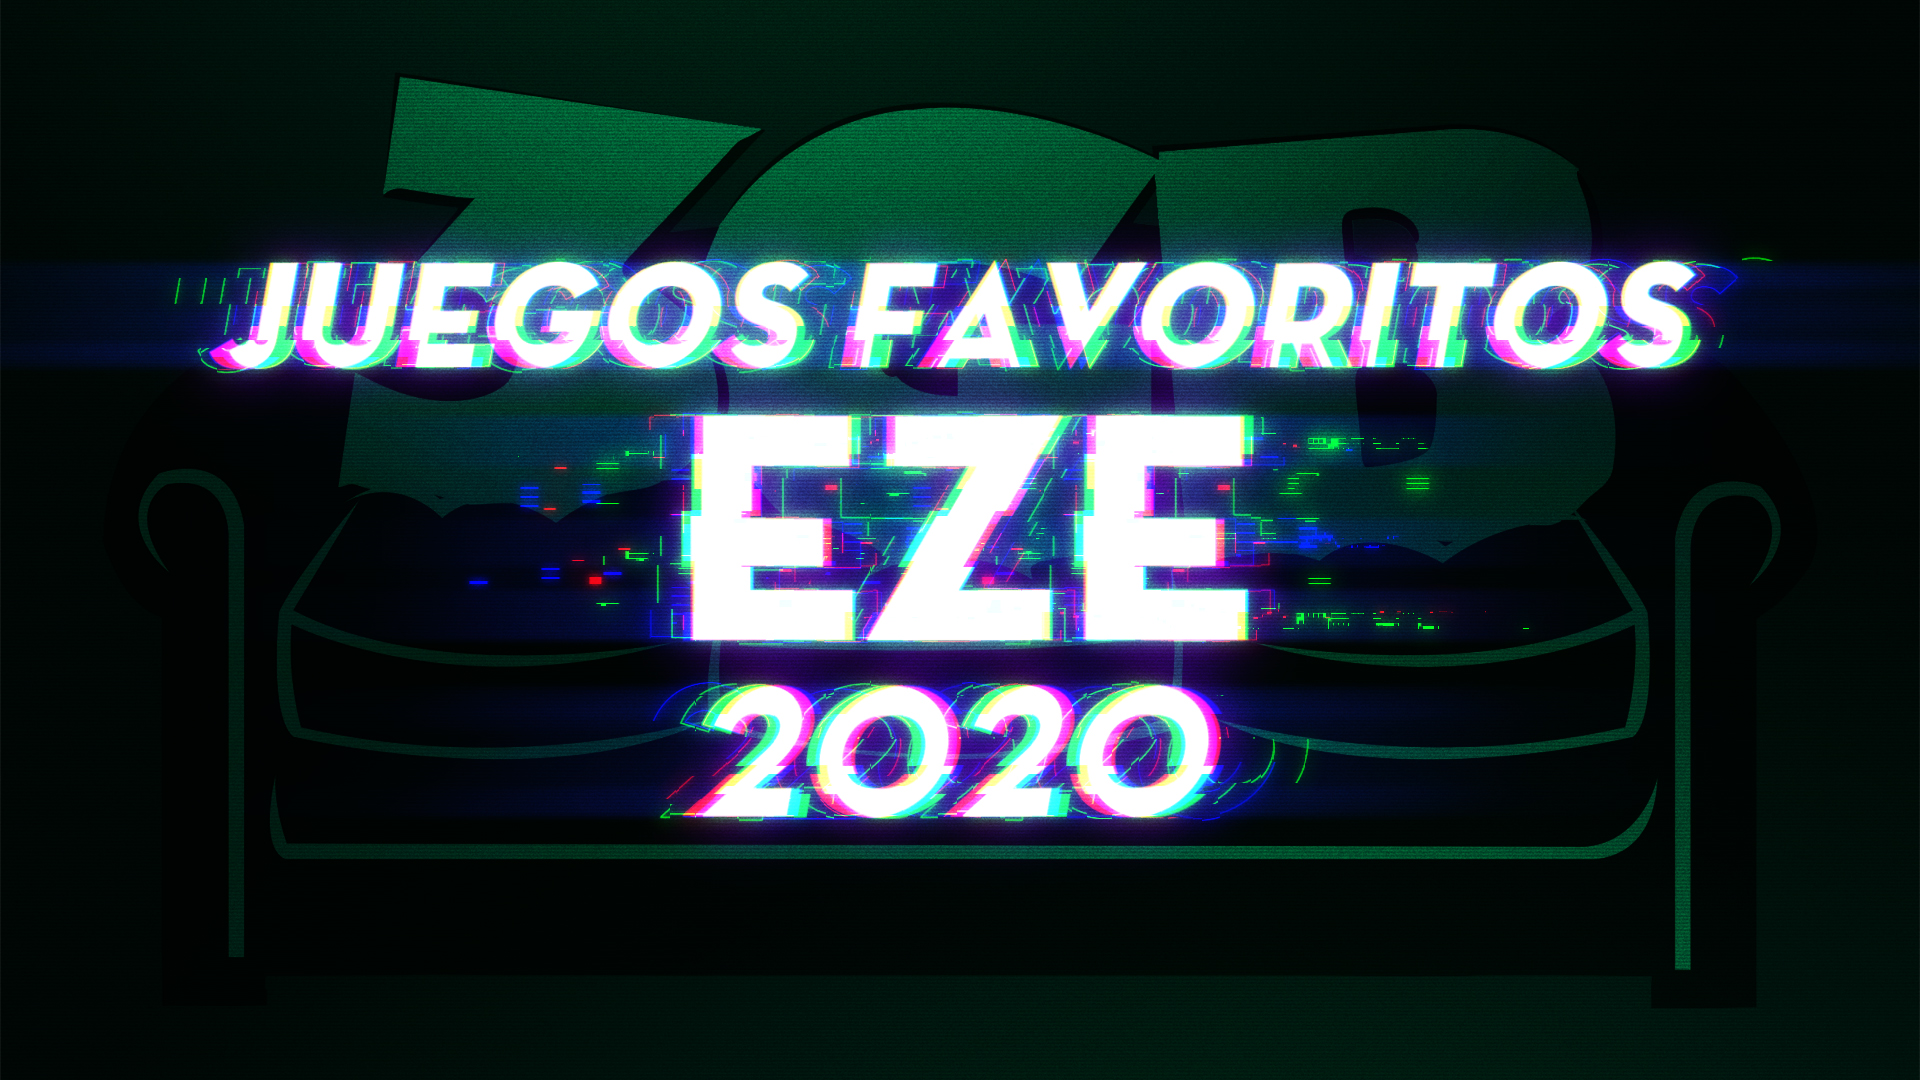 Los Juegos Favoritos de Eze del 2020